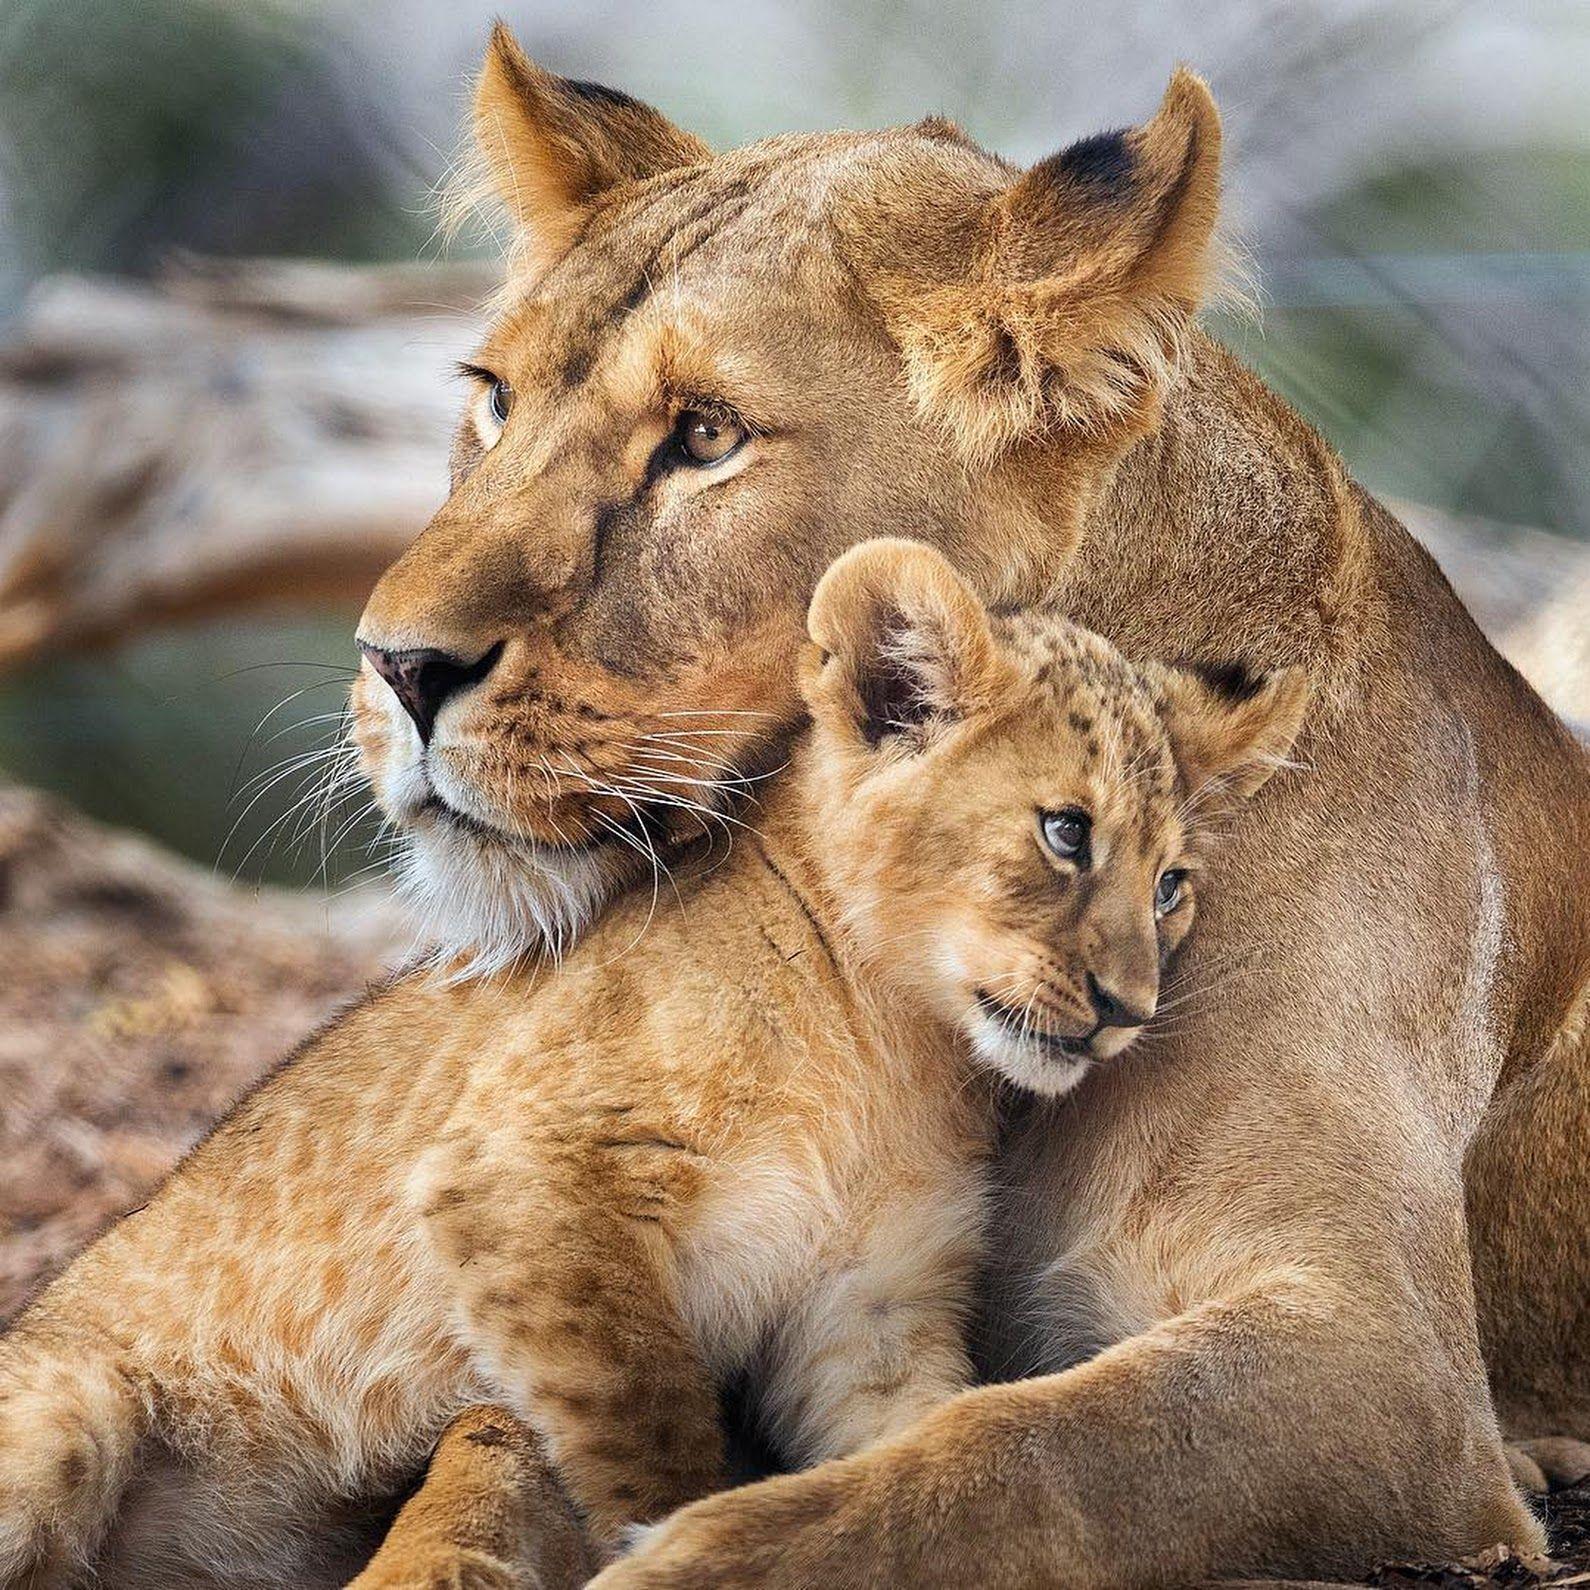 часть книги красивые картинки на аву животные с детенышами верить, что именно